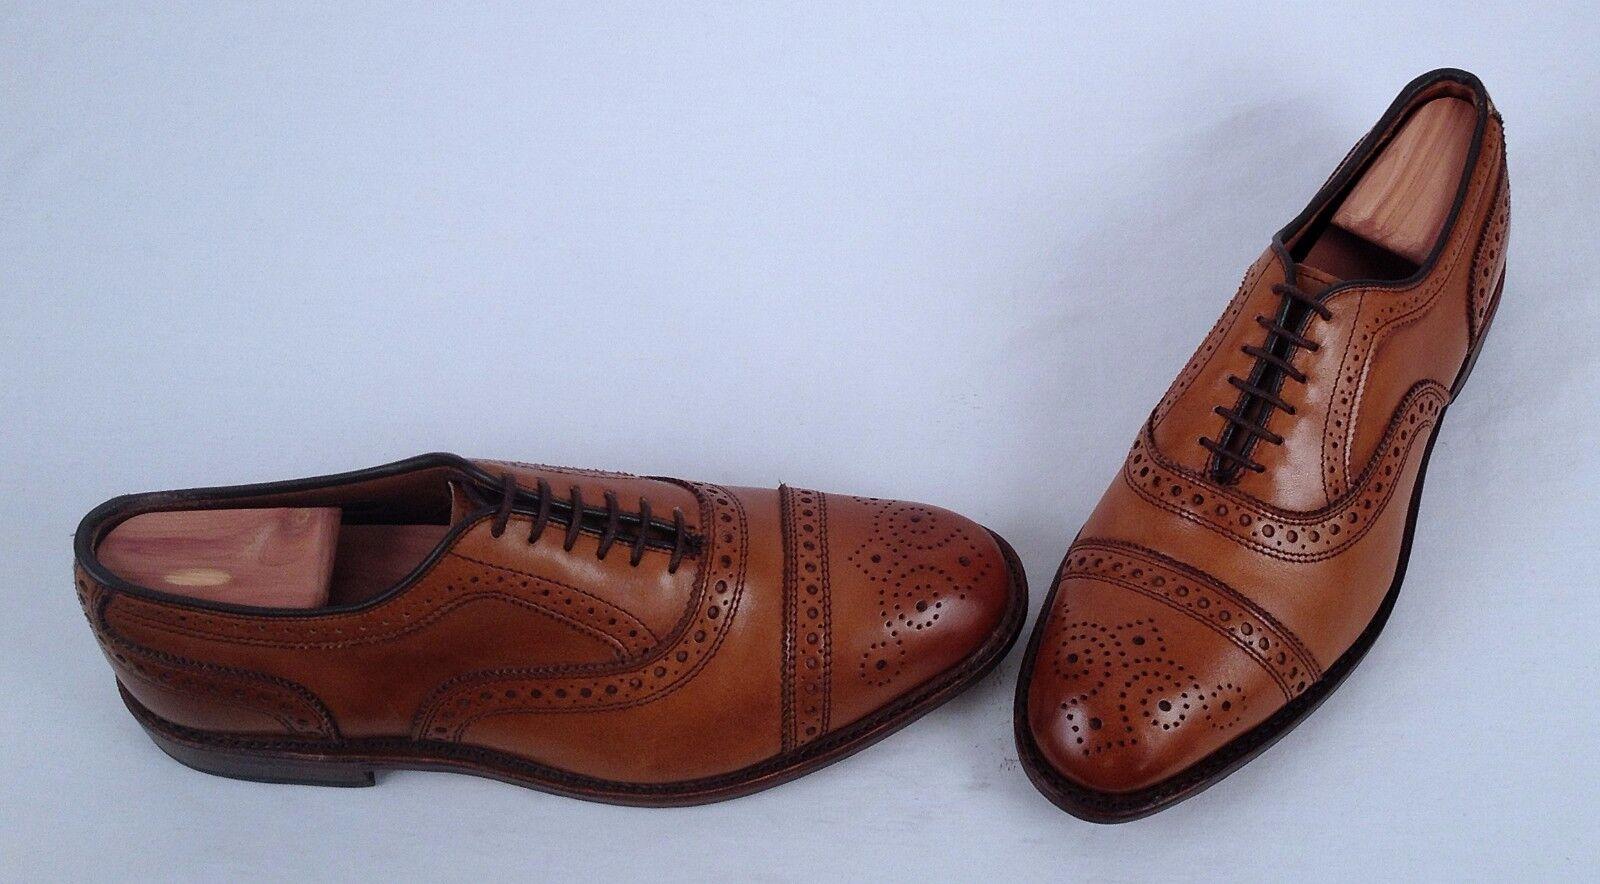 stile classico Allen Edmonds Edmonds Edmonds Strand Oxford - Walnut- Dimensione 7 E  395  vendita online sconto prezzo basso